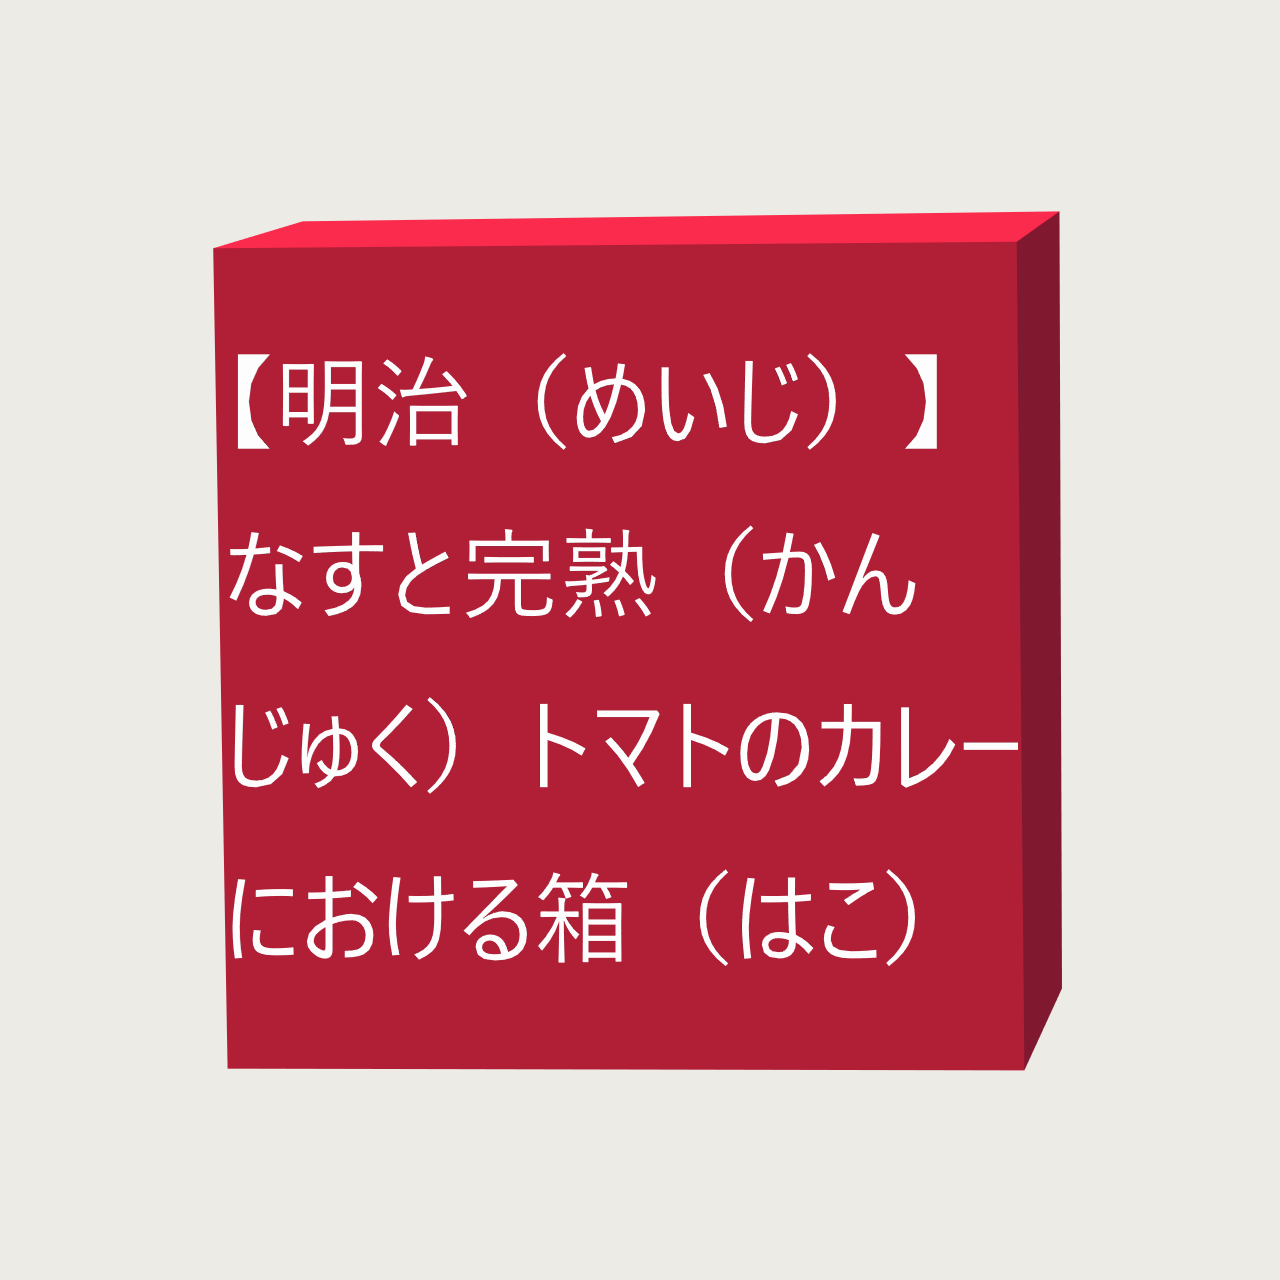 明治(めいじ)のなすと完熟(かんじゅく)トマトのカレーにおける箱(はこ)の側面(そくめん)や、背面(はいめん)、表面(おもてめん)や、お問合(といあわ)せなどにかかる画像(がぞう)